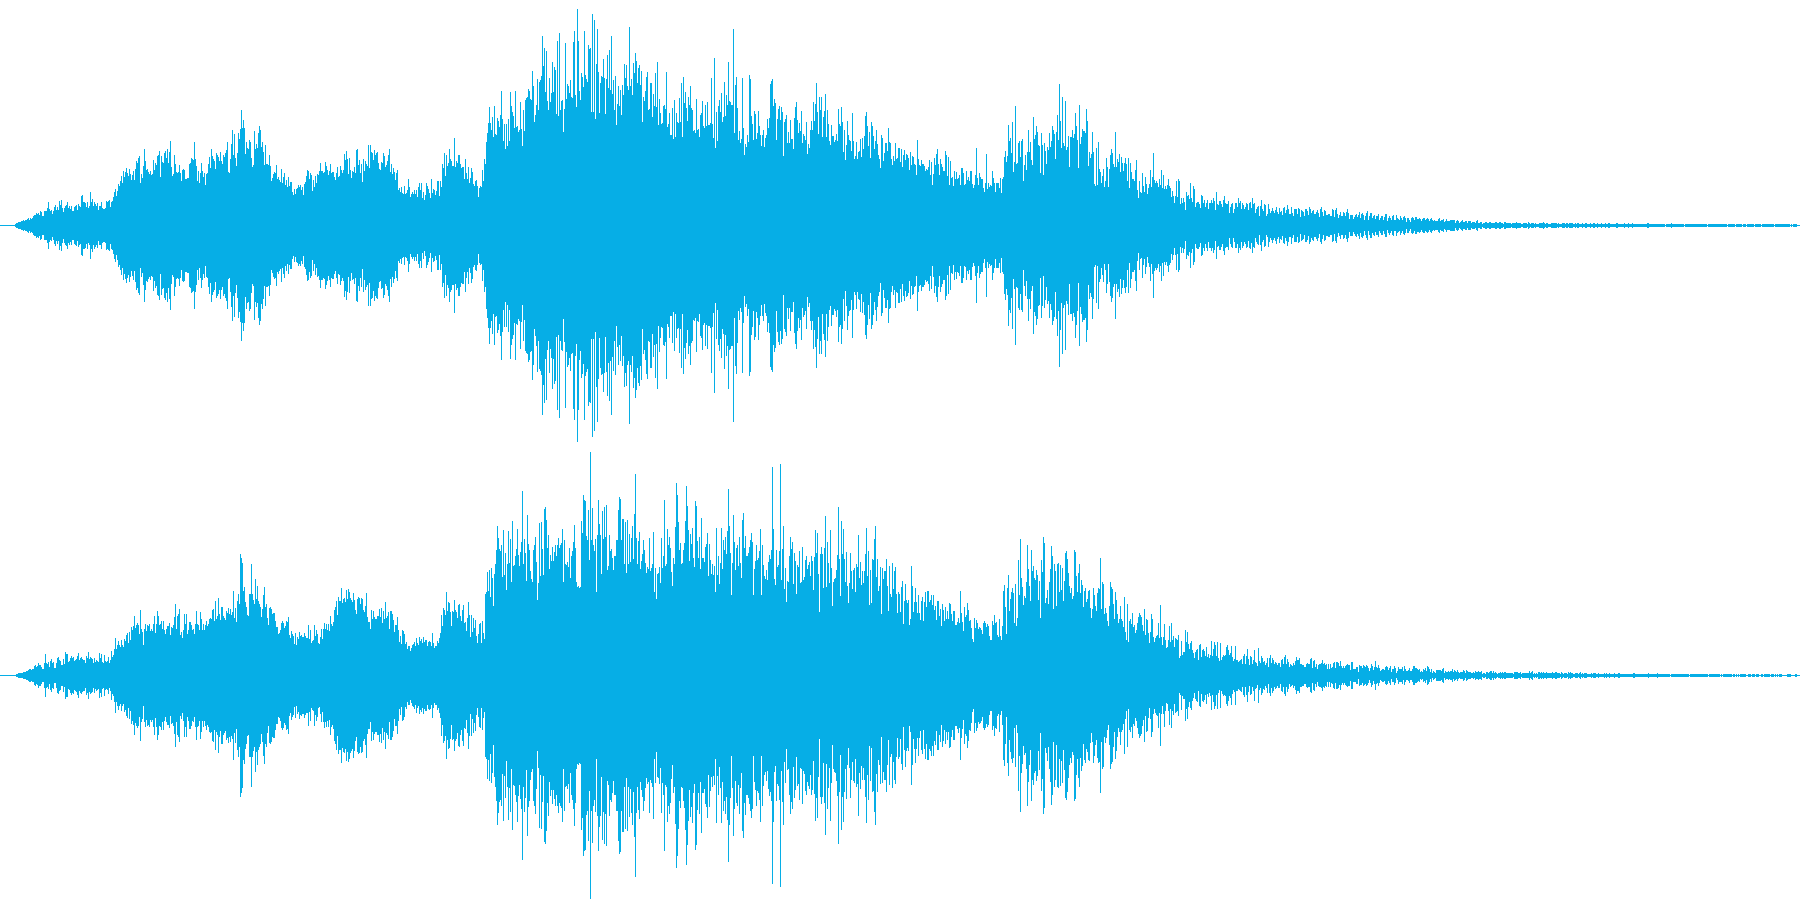 ゲームクリアに使える勝利のファンファーレの再生済みの波形